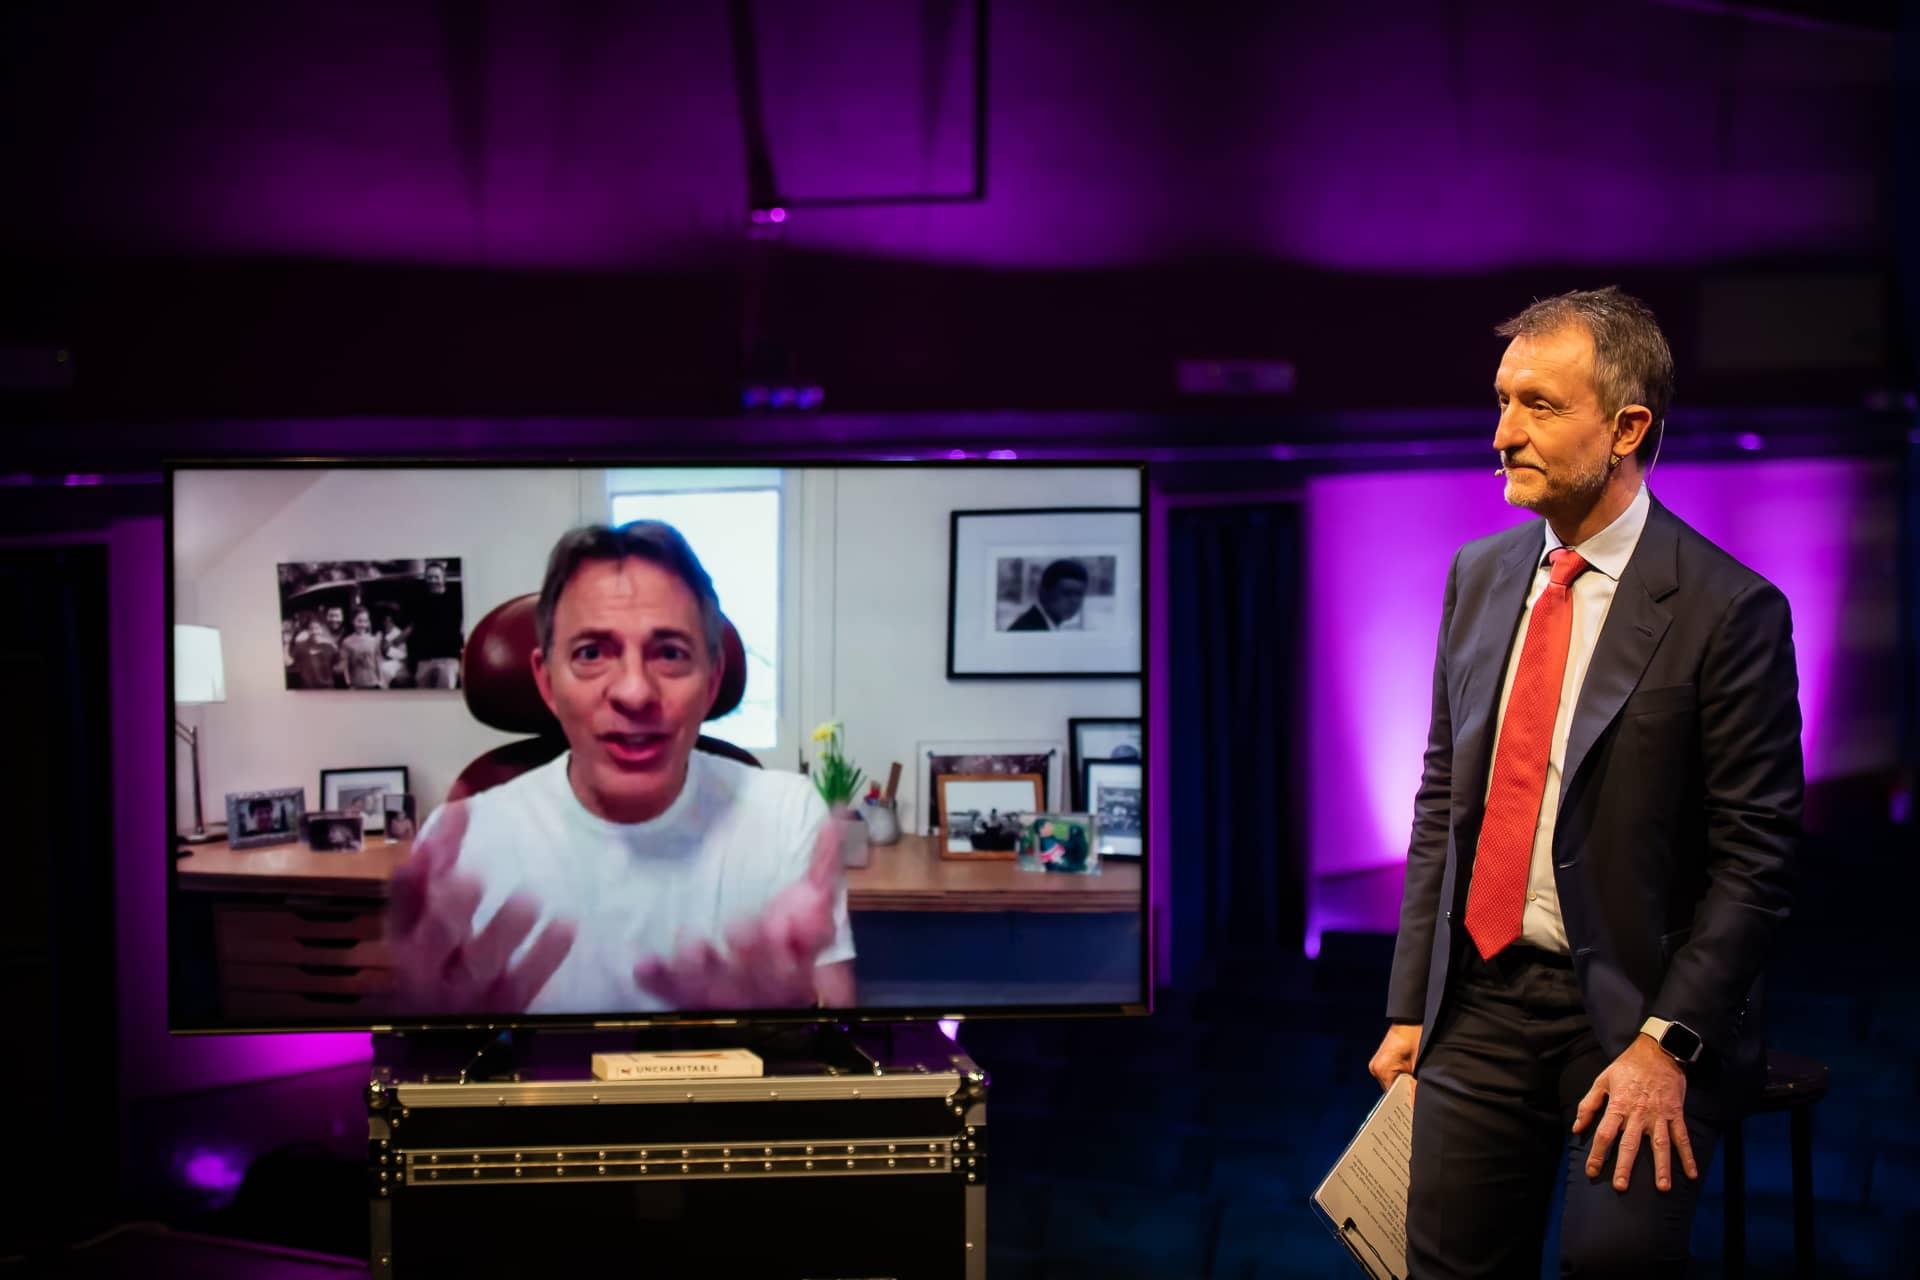 Dan Pallotta intervistato da Valerio Melandri